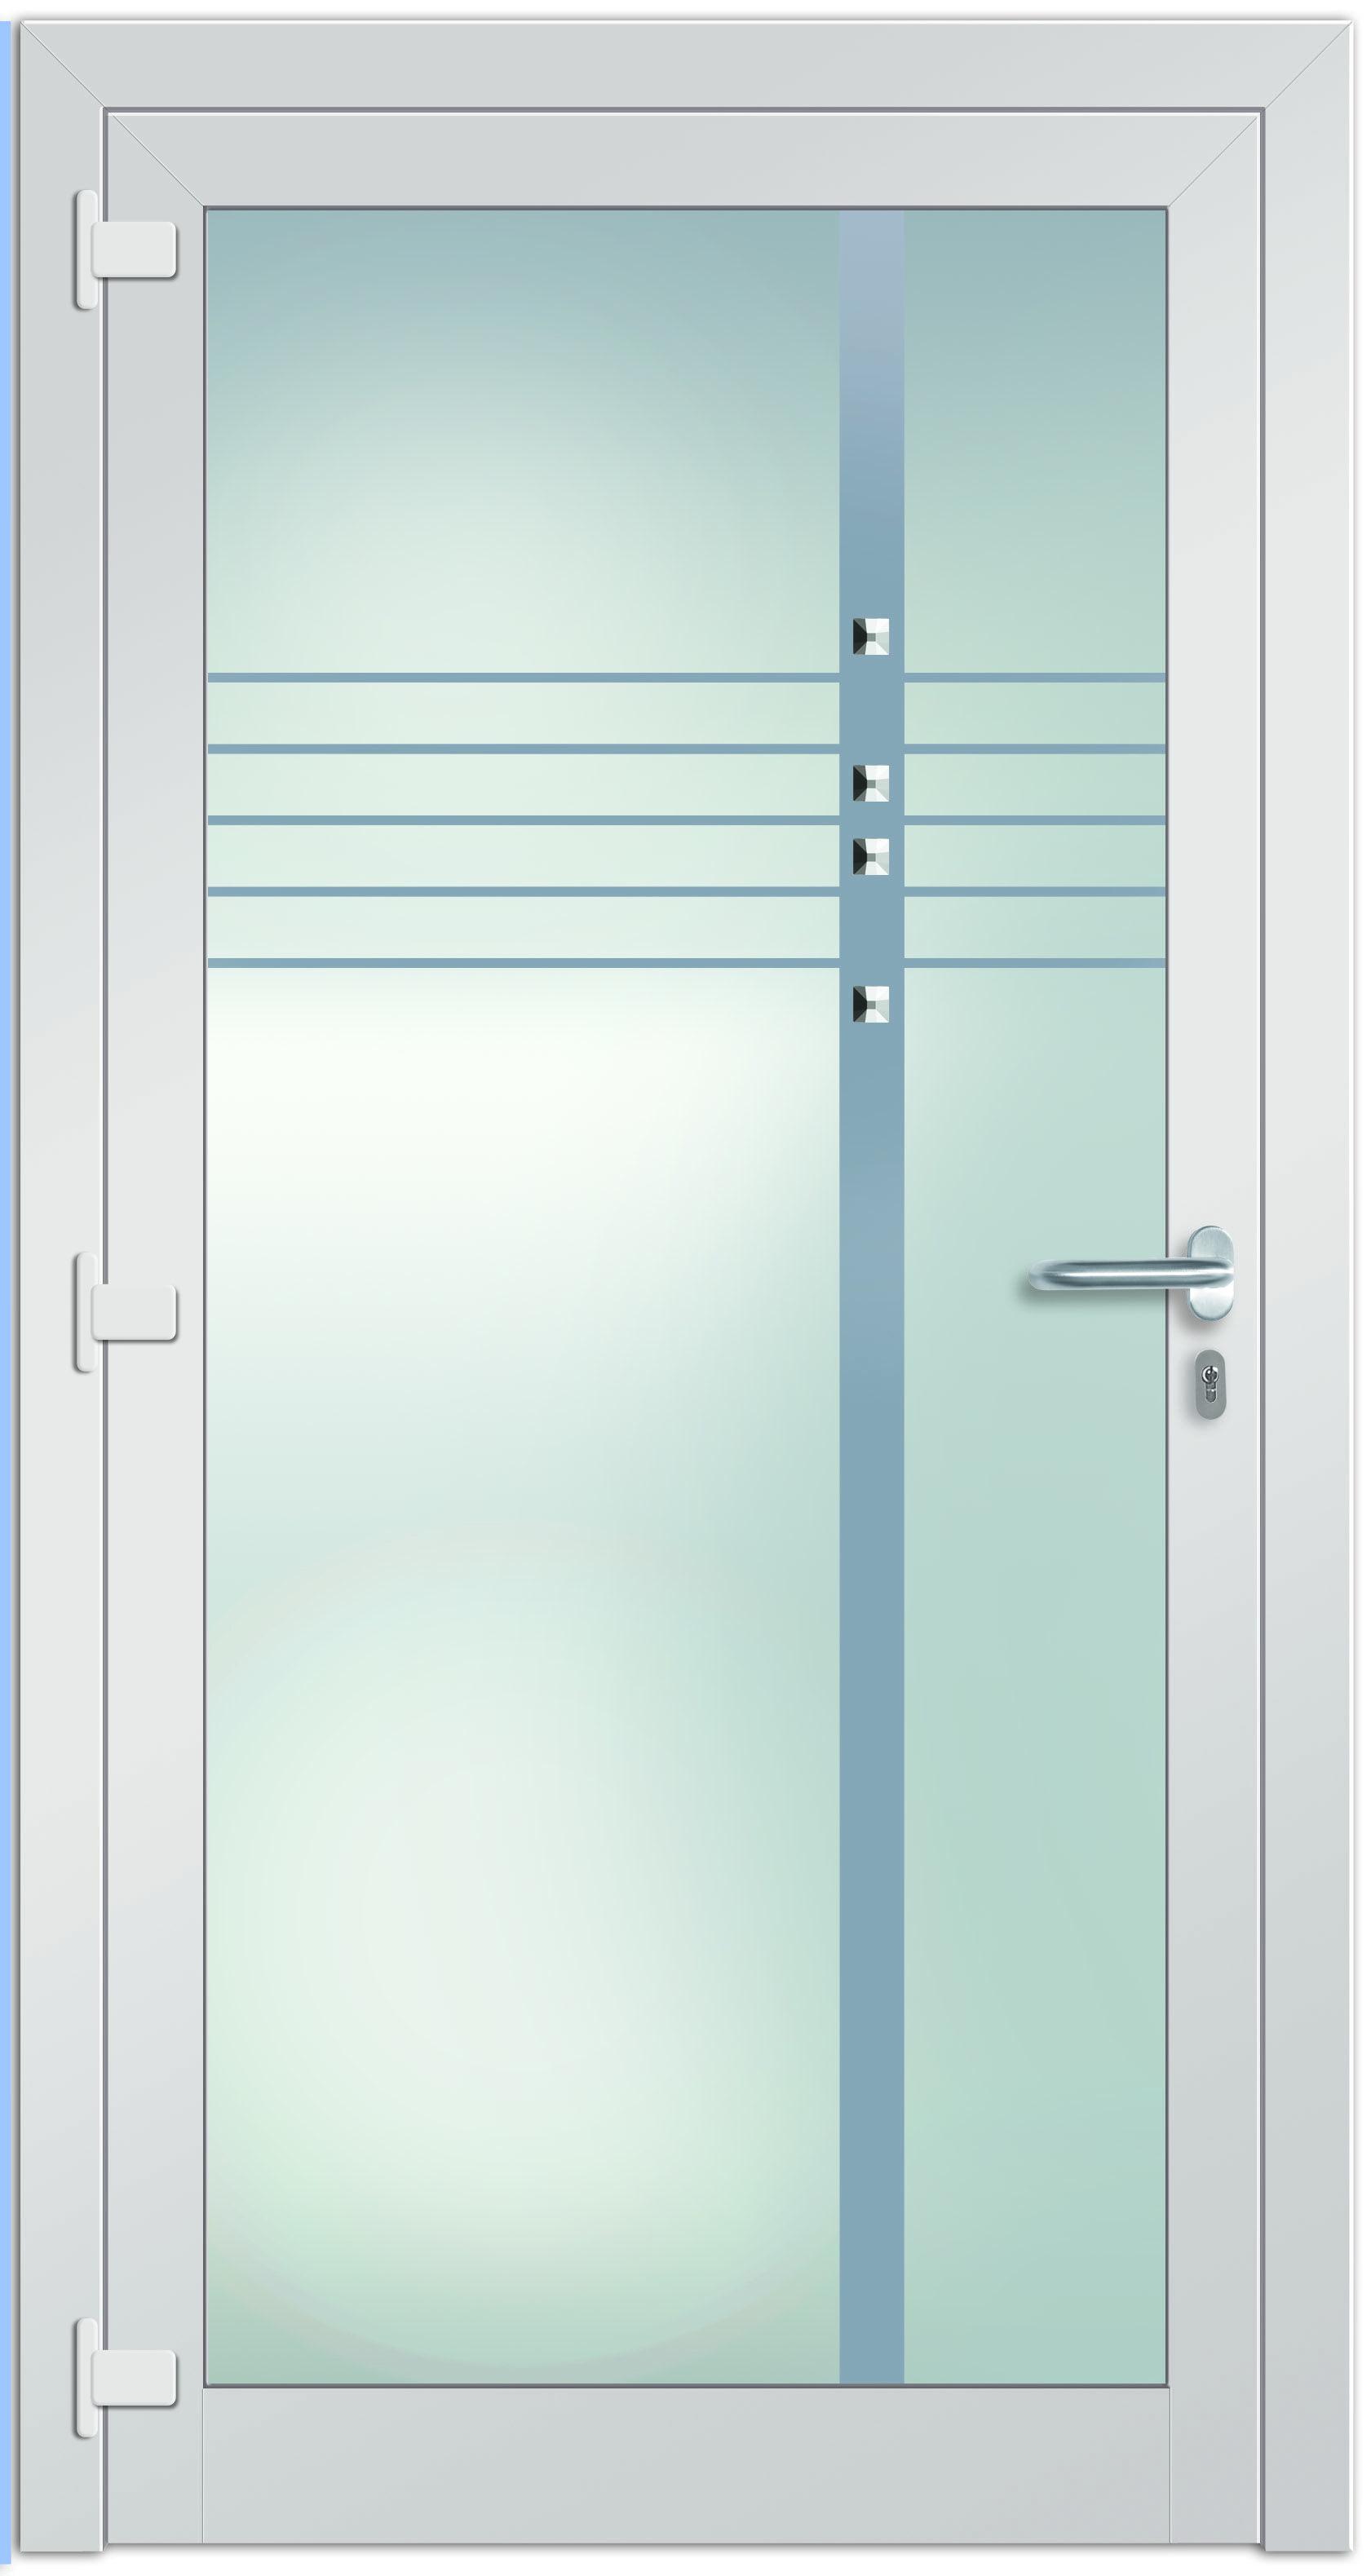 Maia Modern Bedroom Set: Haustüren, Schiebetüren Und Eingangsportale